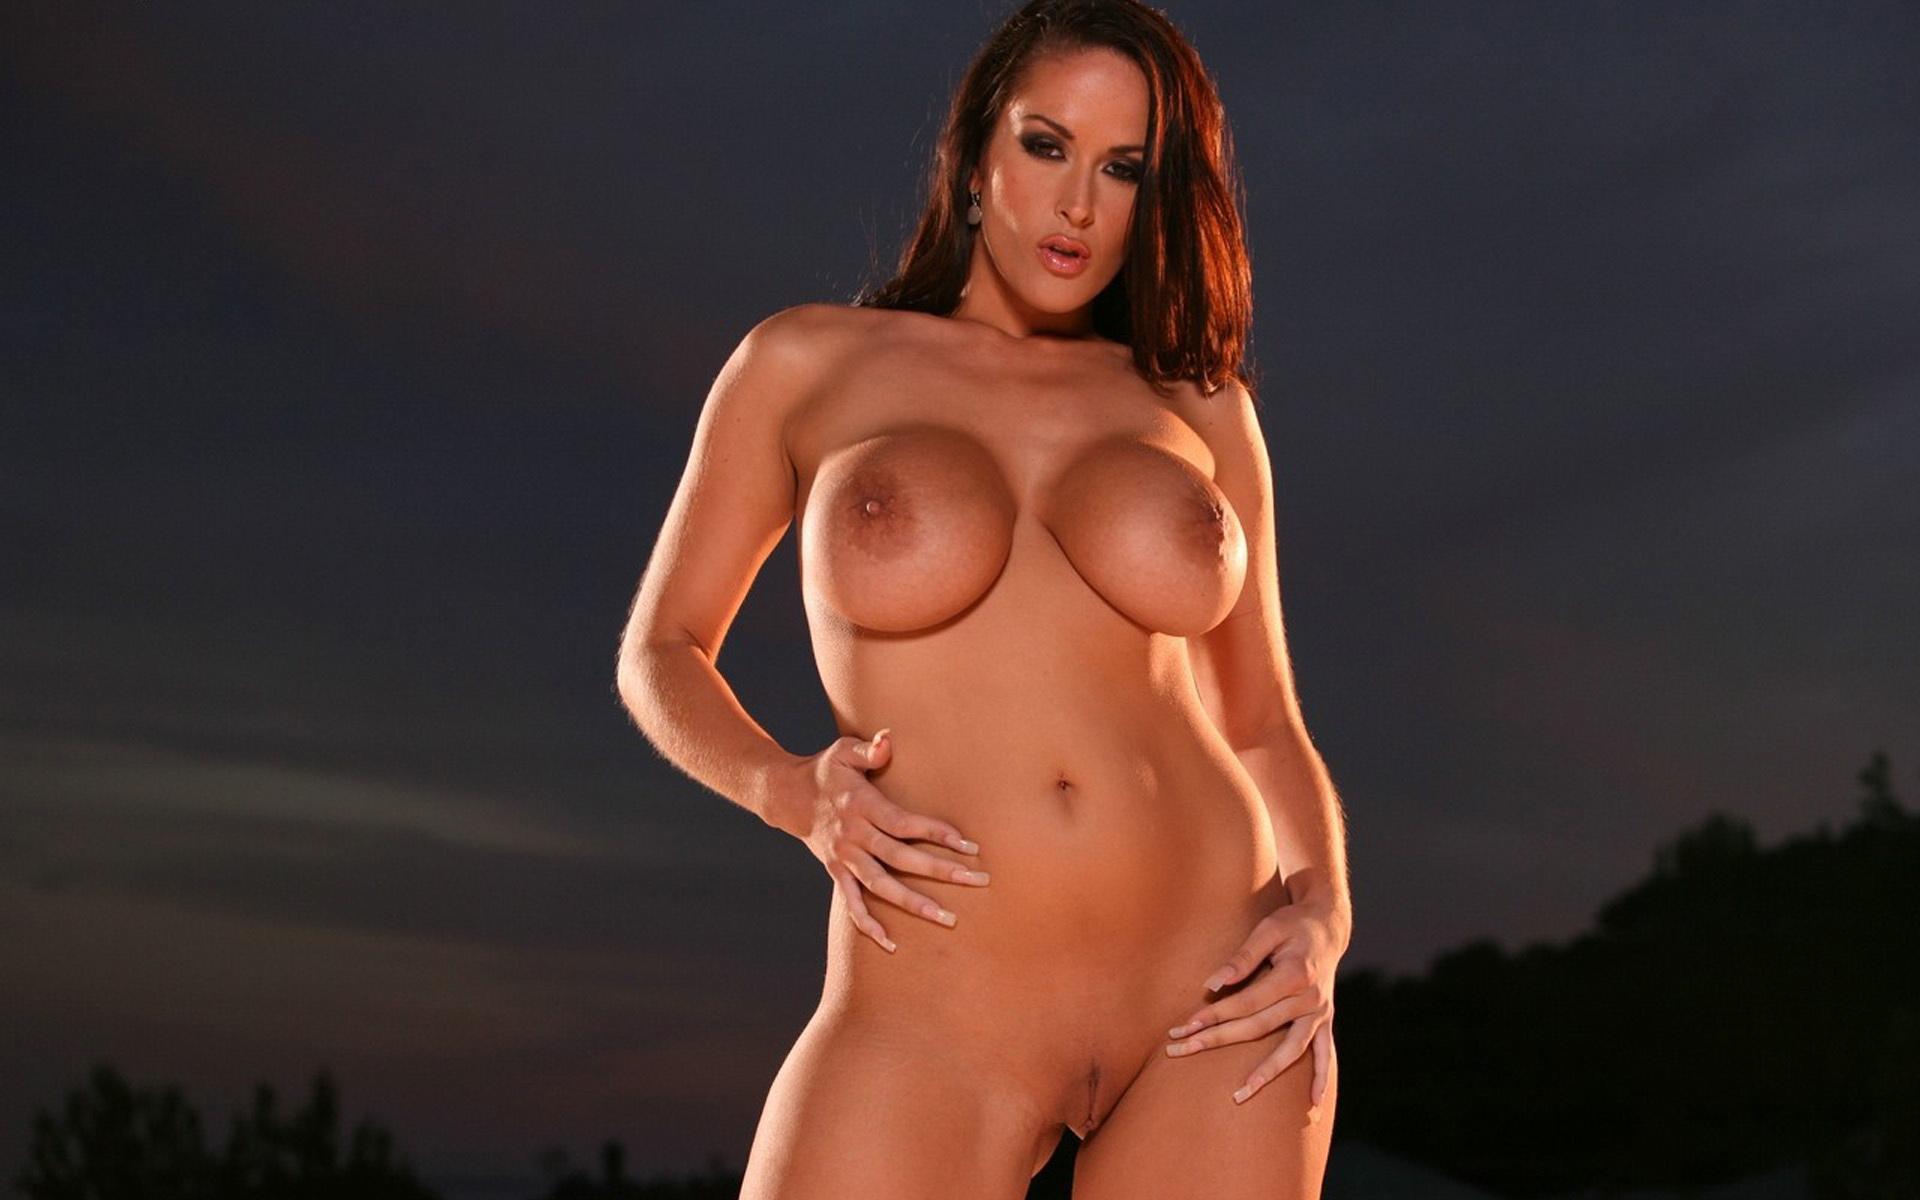 Смотреть клипы с голыми женщинами, Видео голые танцы они же эротические танцы от голых 17 фотография